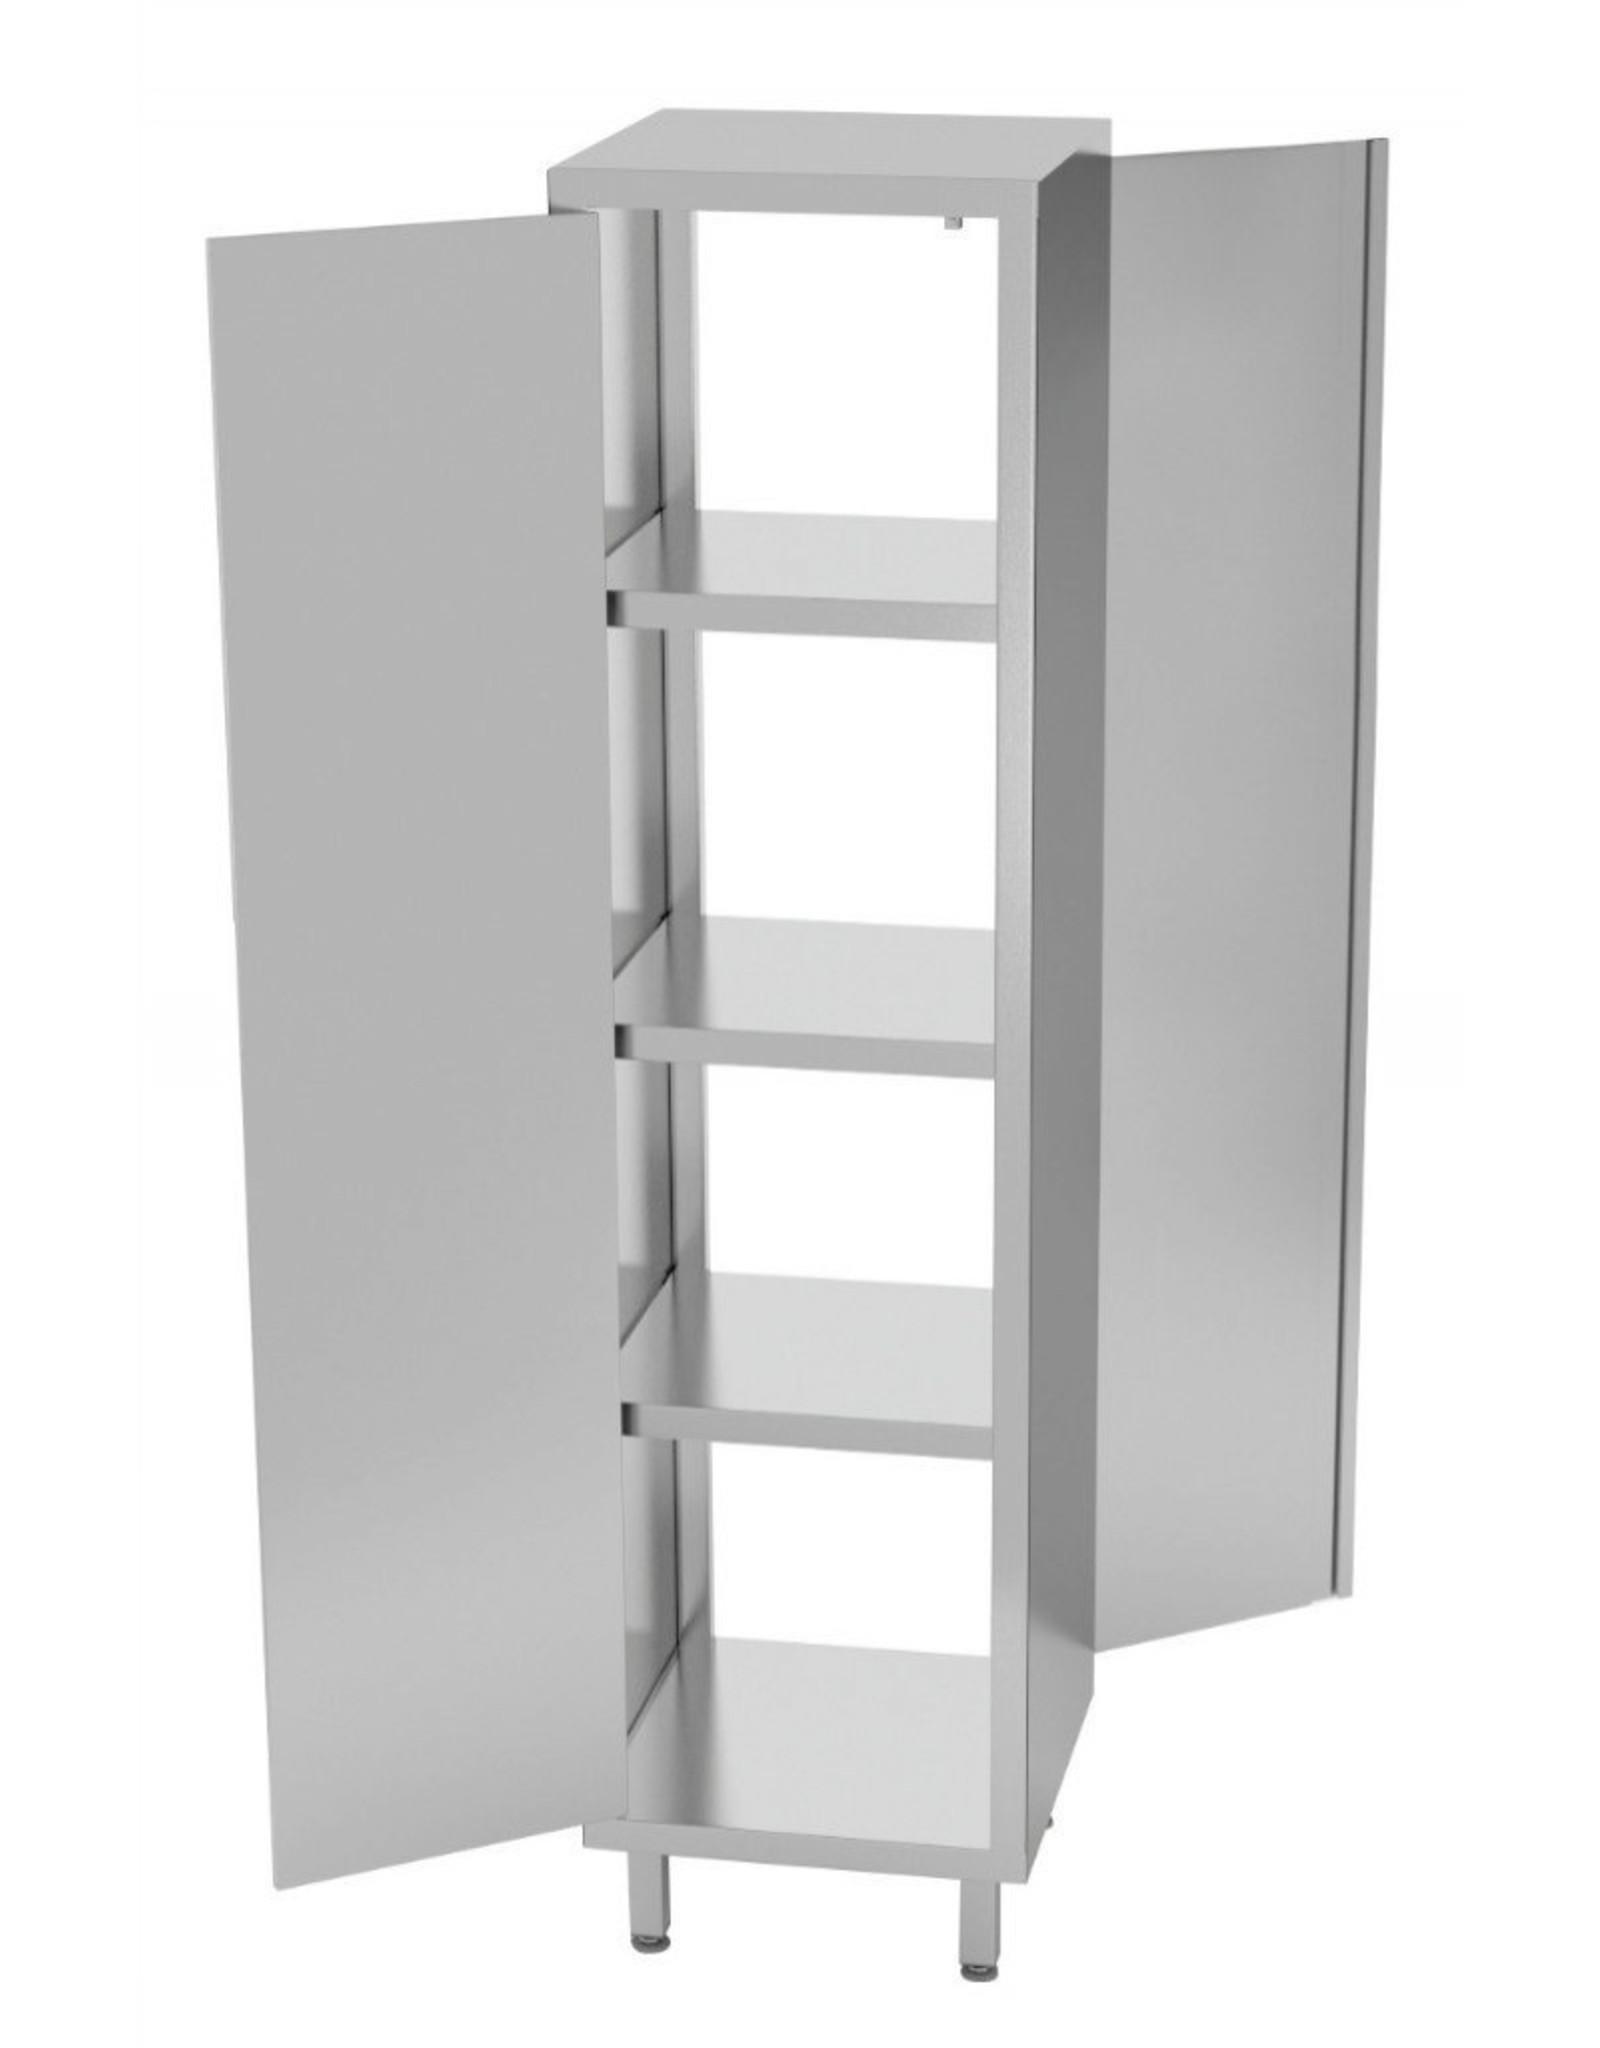 Kast pass-through met klapdeur | 400-600mm breed | 500-700mm diep | 2000mm hoog